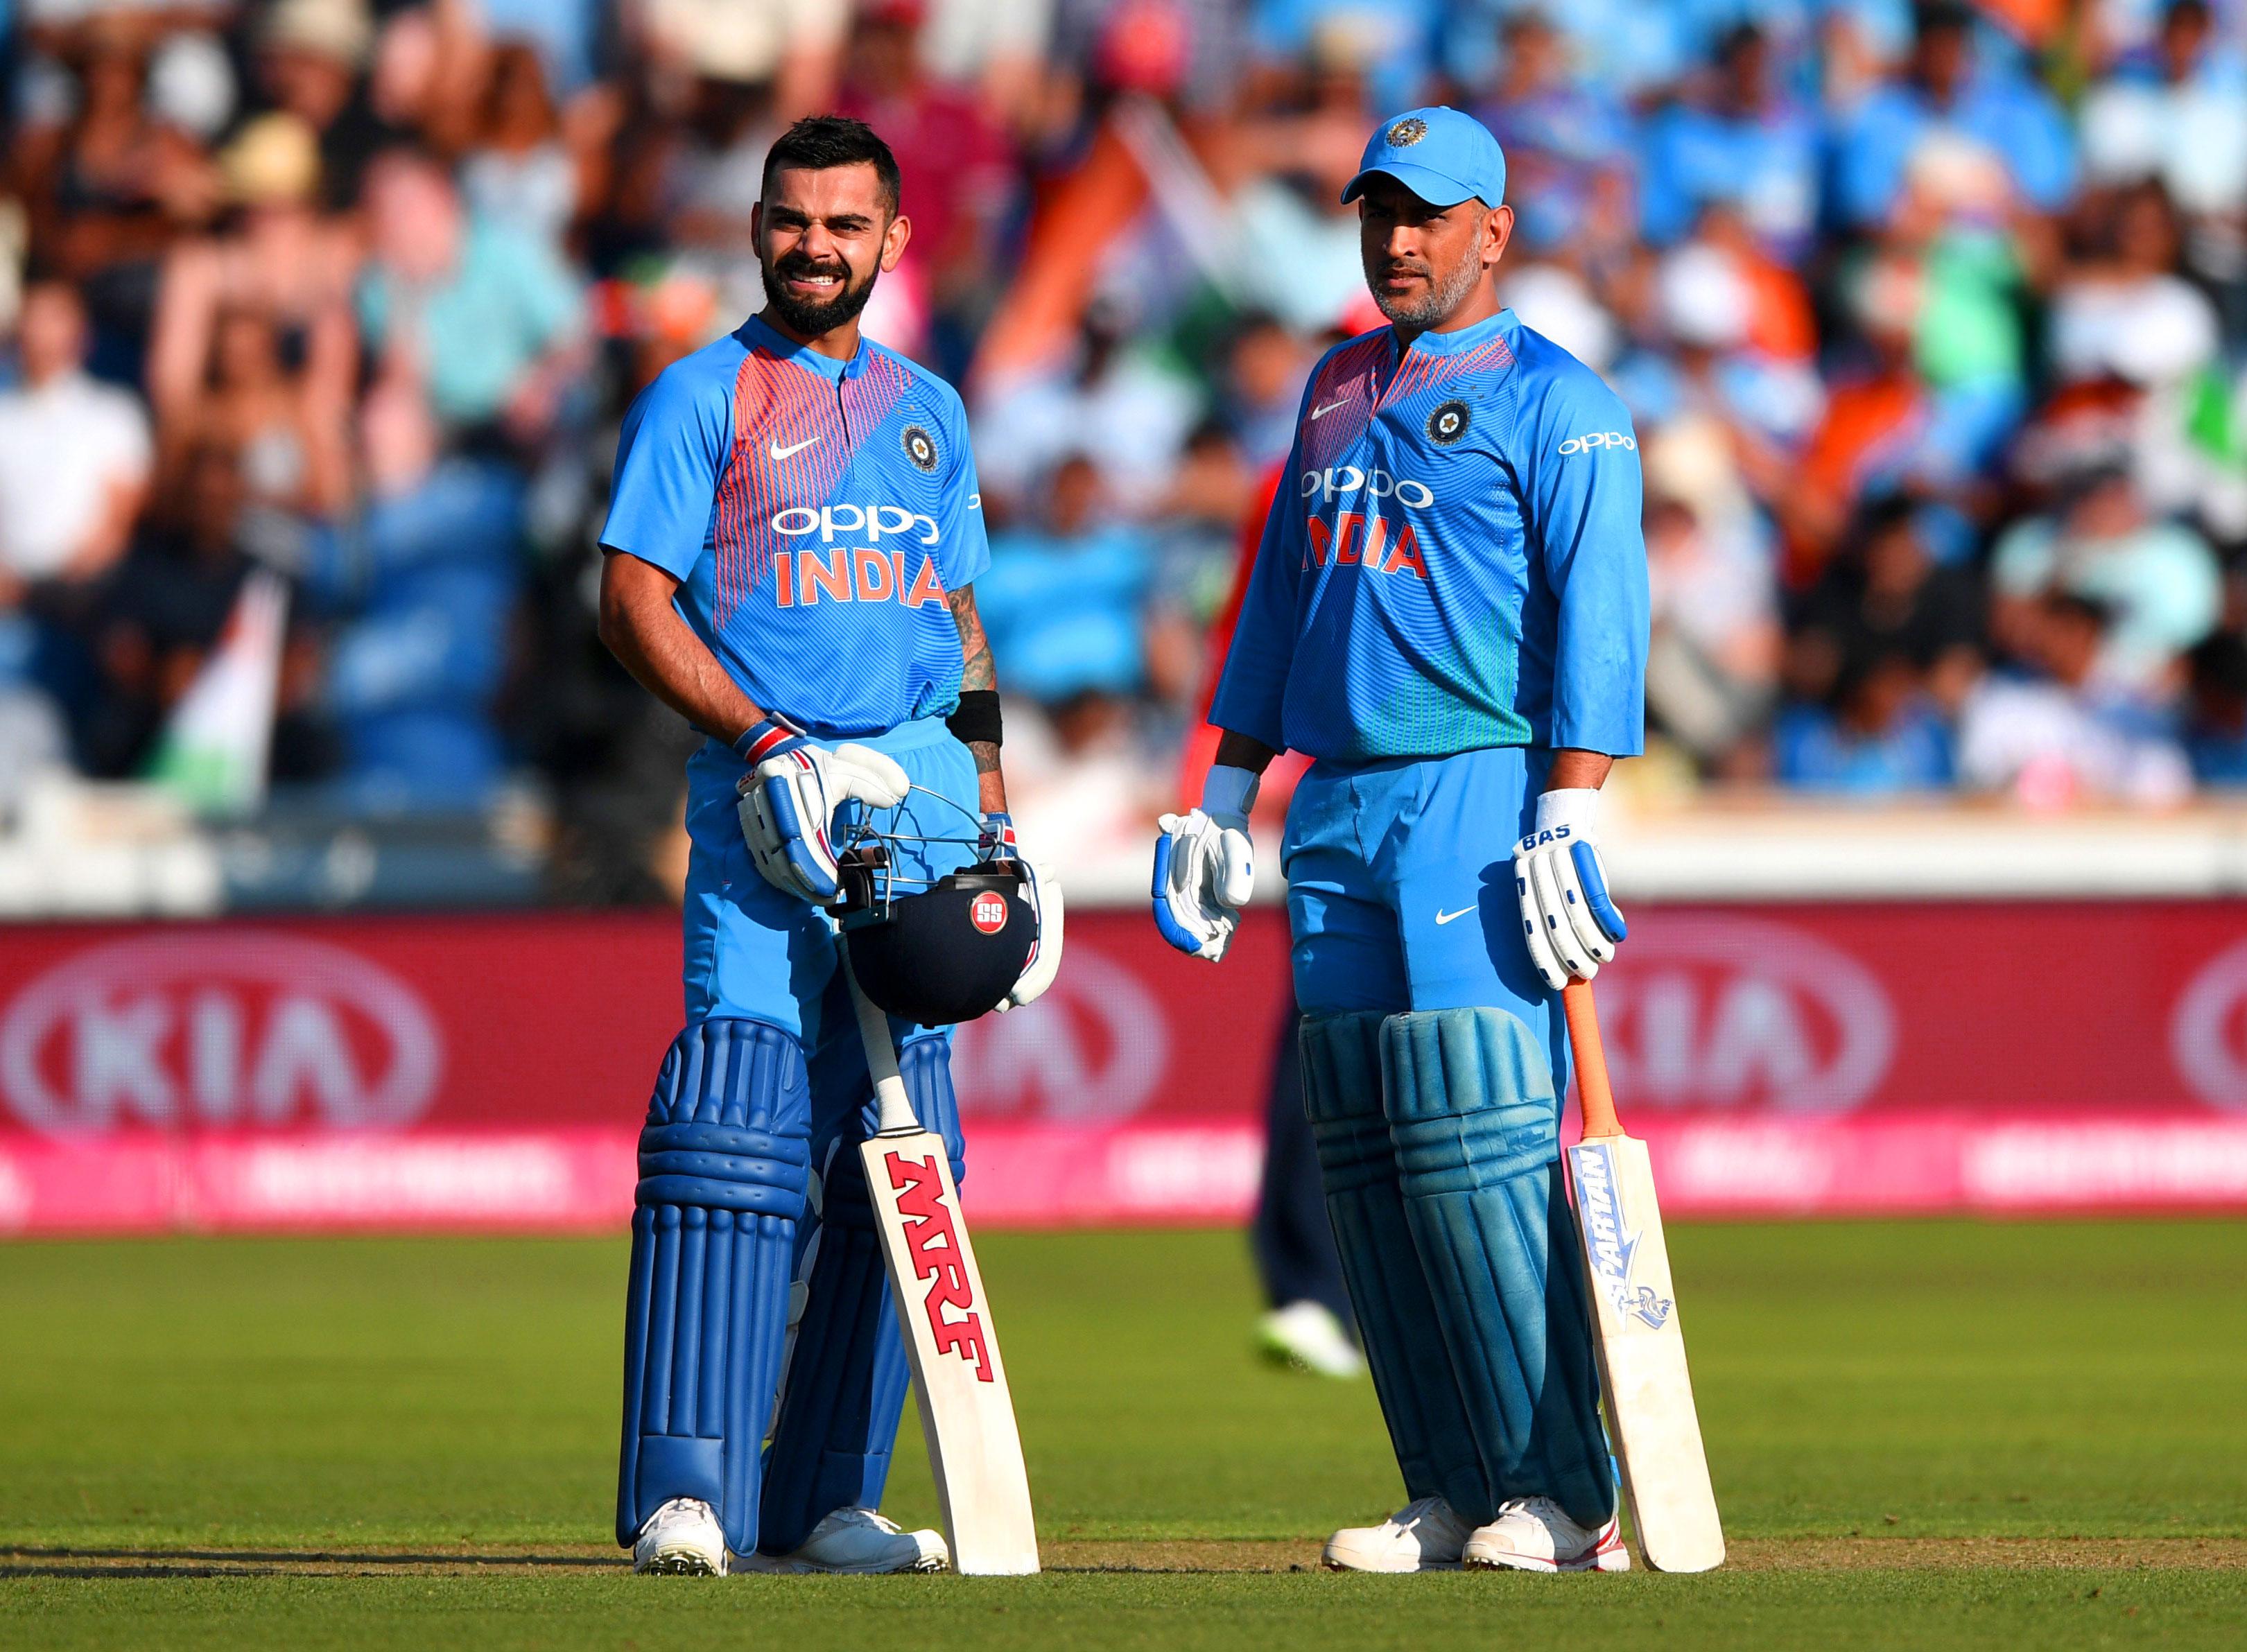 Cricket Virat Kohli Images Pictures Free for facebook